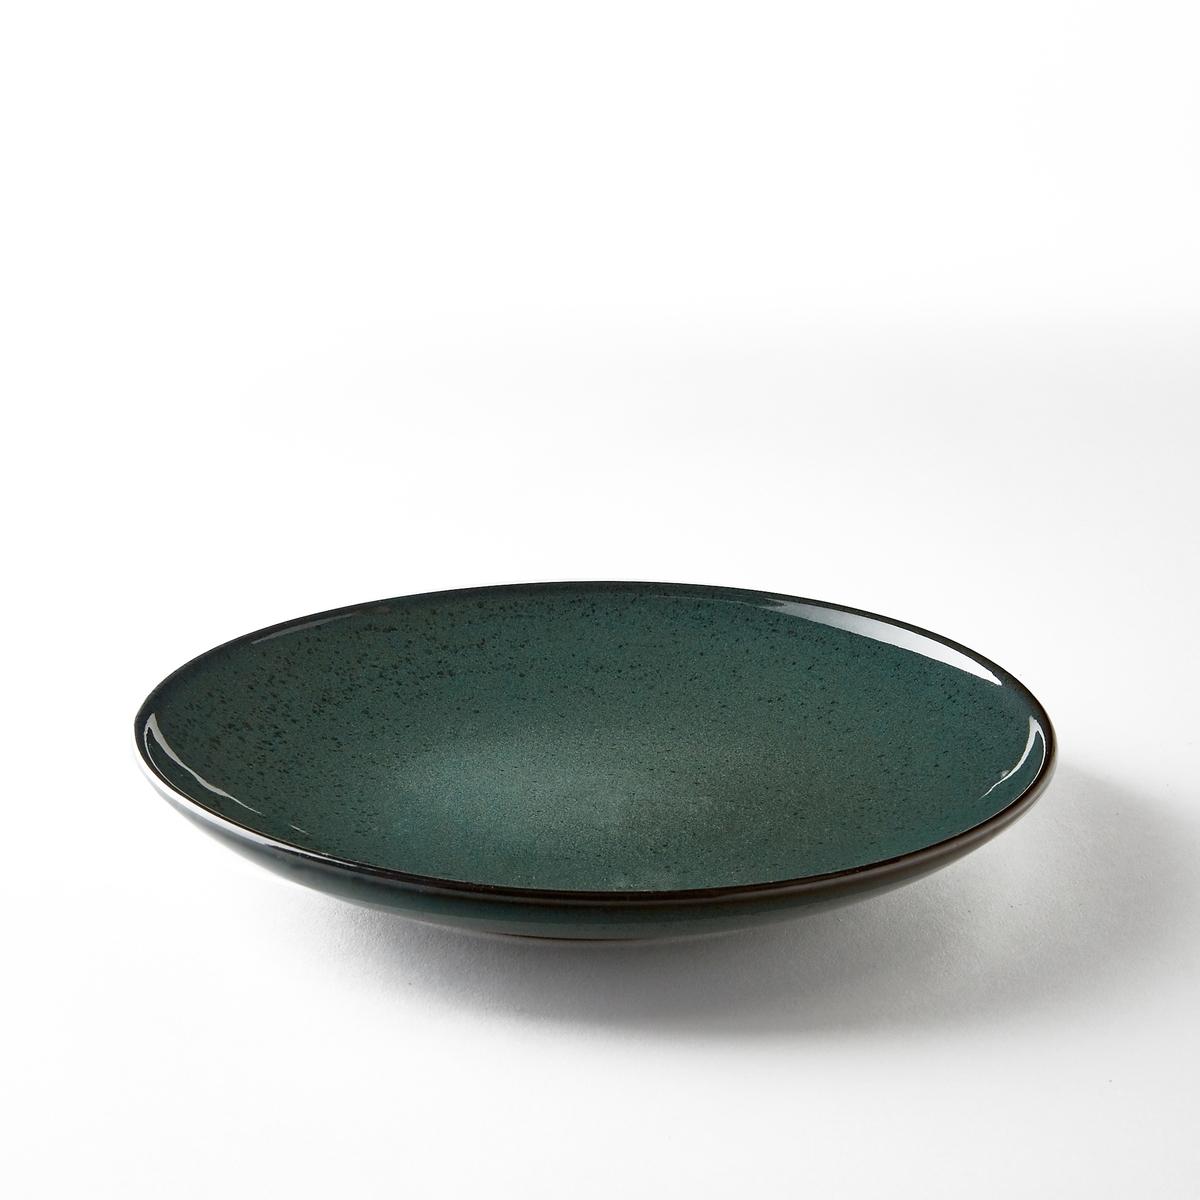 Тарелка мелкая из керамики, ?29,5 см, Aqua от SeraxМелкая тарелка Aqua от Serax. Новый керамический сервиз Aqua ручной работы преобразит Ваш праздничный стол. Тарелки синеватых тонов придают ощущение прохлады в летние месяцы.Характеристики :- Из керамики, покрытой глазурью. - Можно использовать в посудомоечных машинах и микроволновых печах- Полная коллекция Aqua на сайте ampm. Размеры : - ?29,5 x В.4,5 см.<br><br>Цвет: бирюзовый,синий<br>Размер: единый размер.единый размер